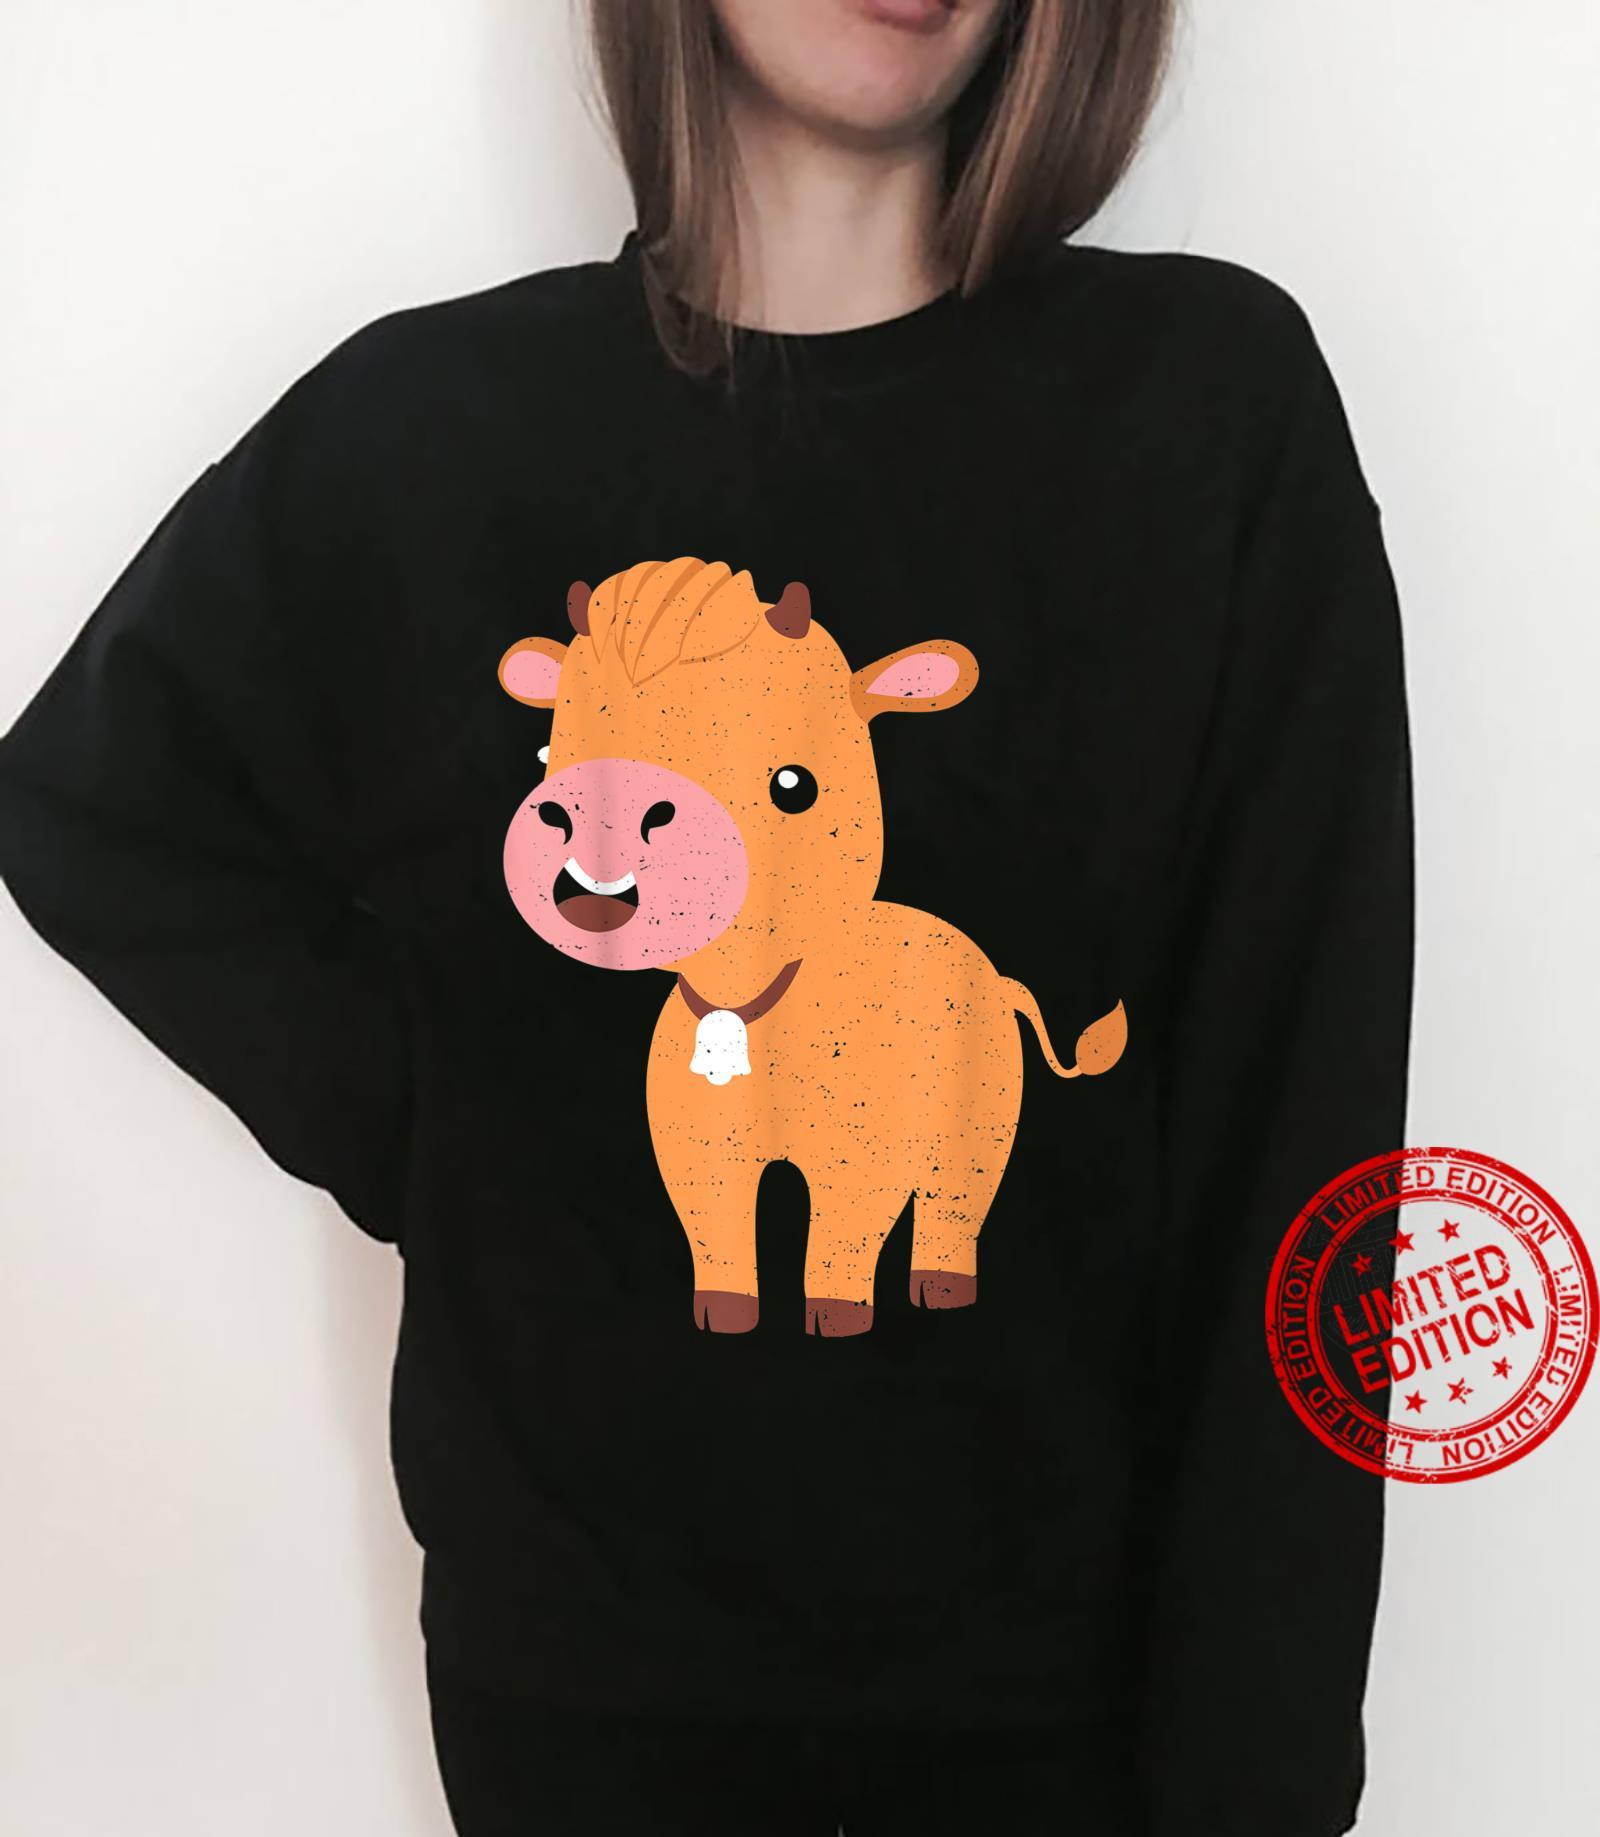 Vieh Highland Cattle Cow Landwirt Sprüche Shirt sweater